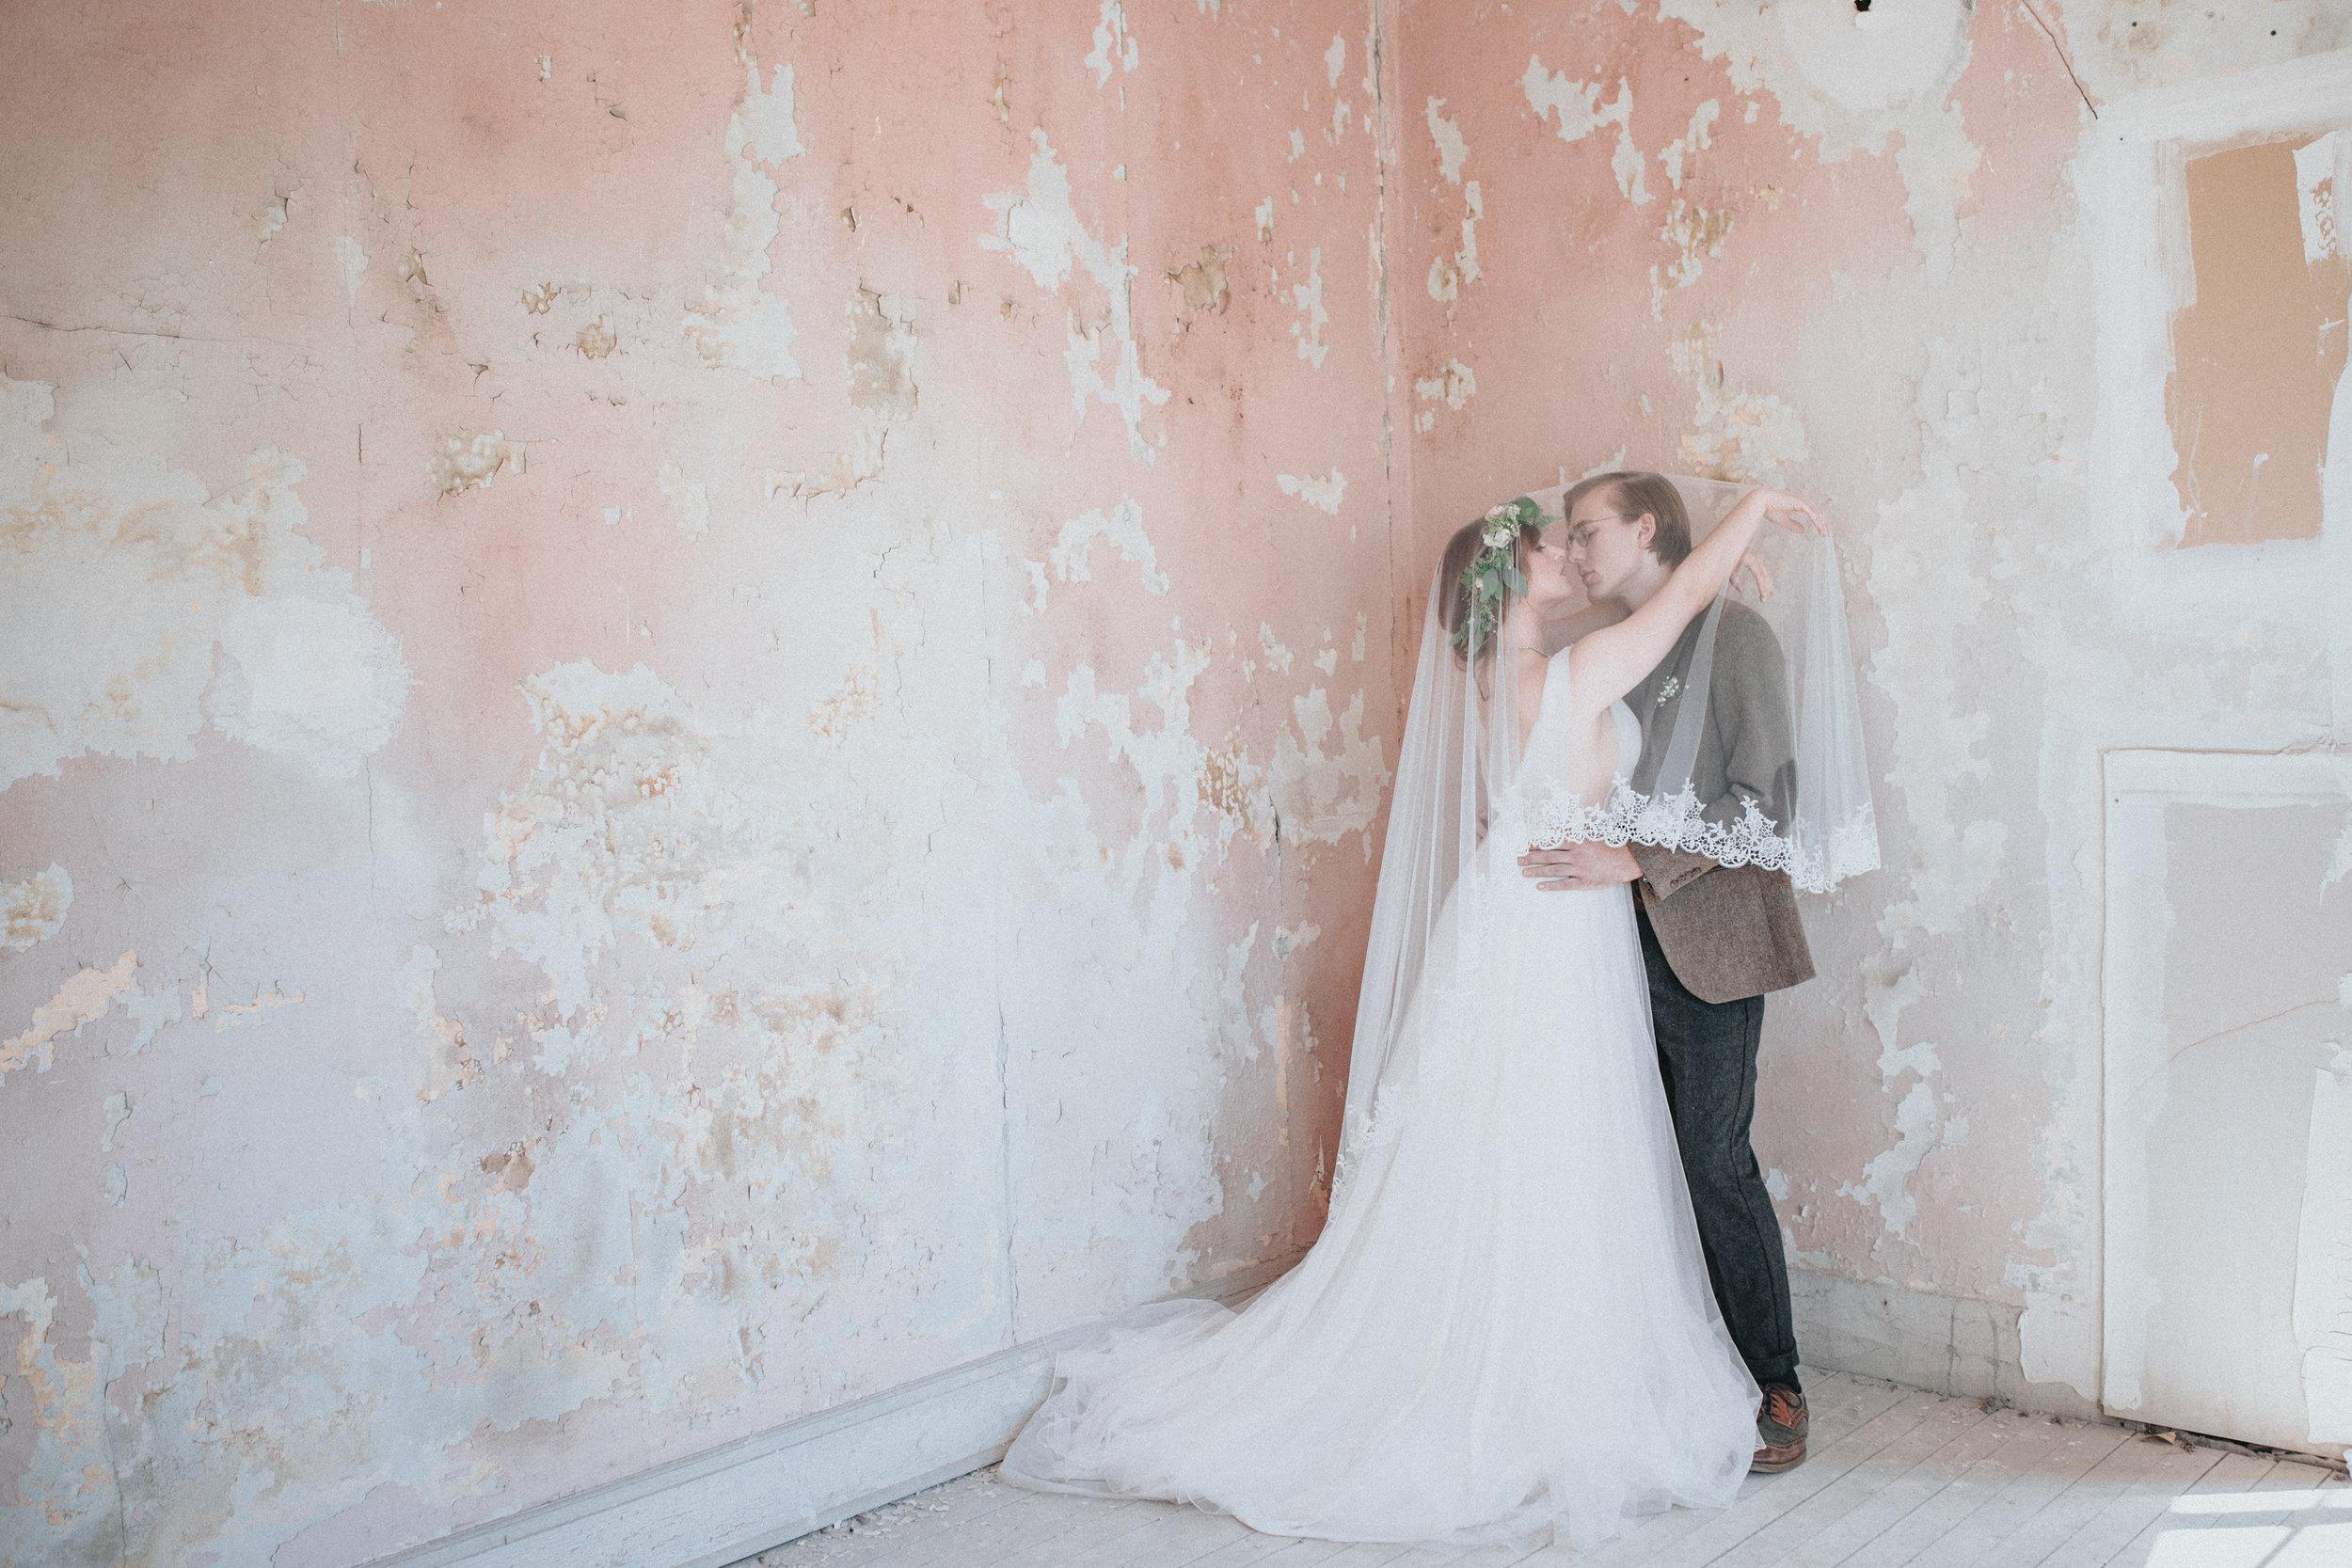 Rachel-Salisbury-Photography-Among-The-Ruins-40.jpg